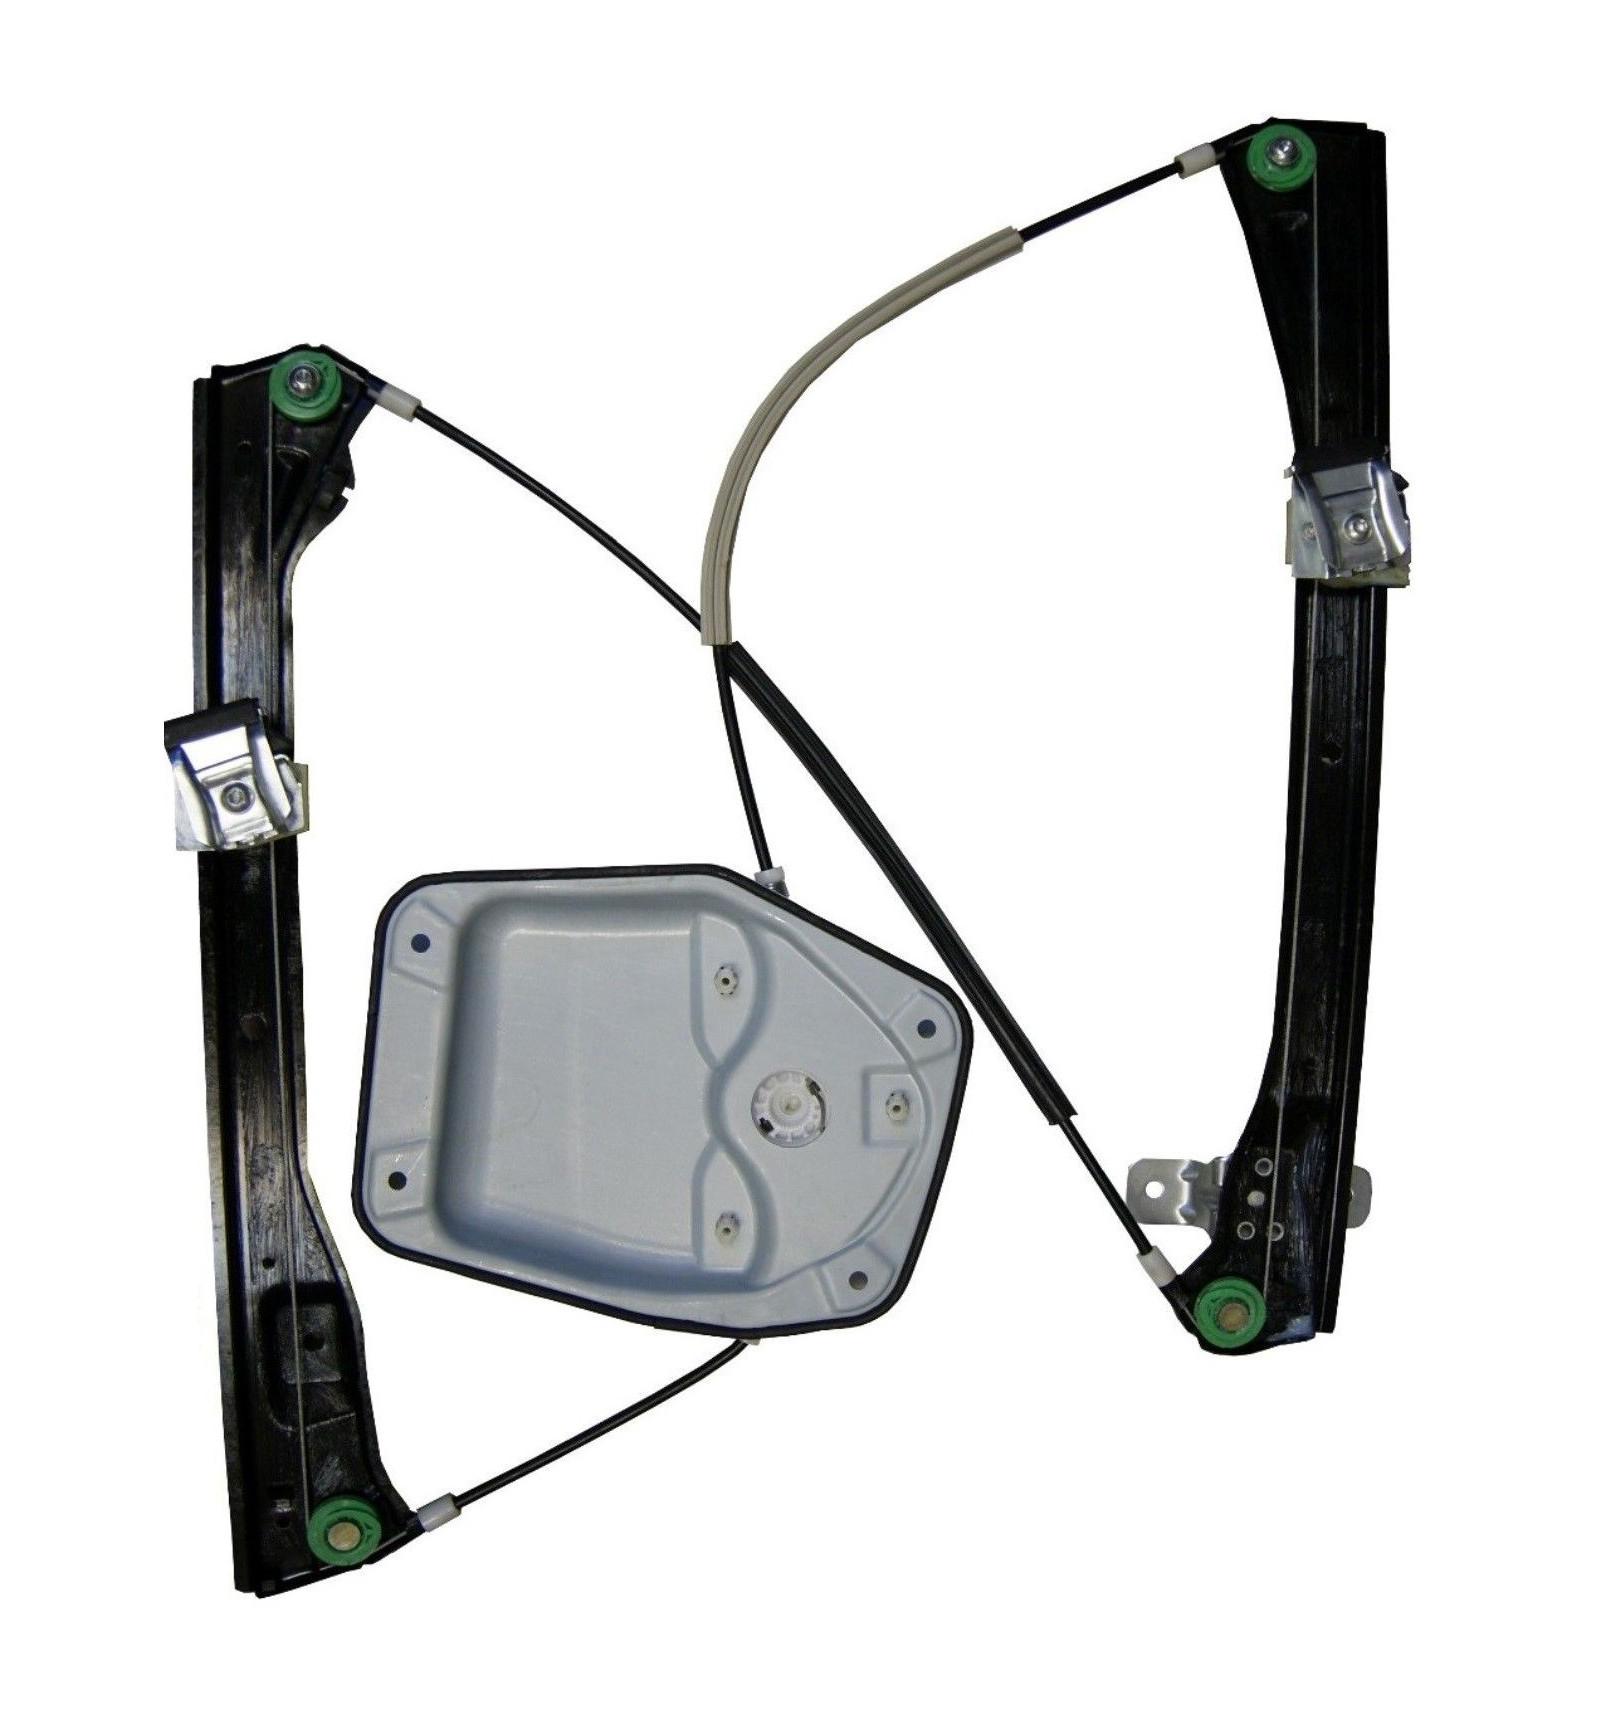 mecanisme leve vitre electrique avant gauche vw golf 5 golf plus. Black Bedroom Furniture Sets. Home Design Ideas